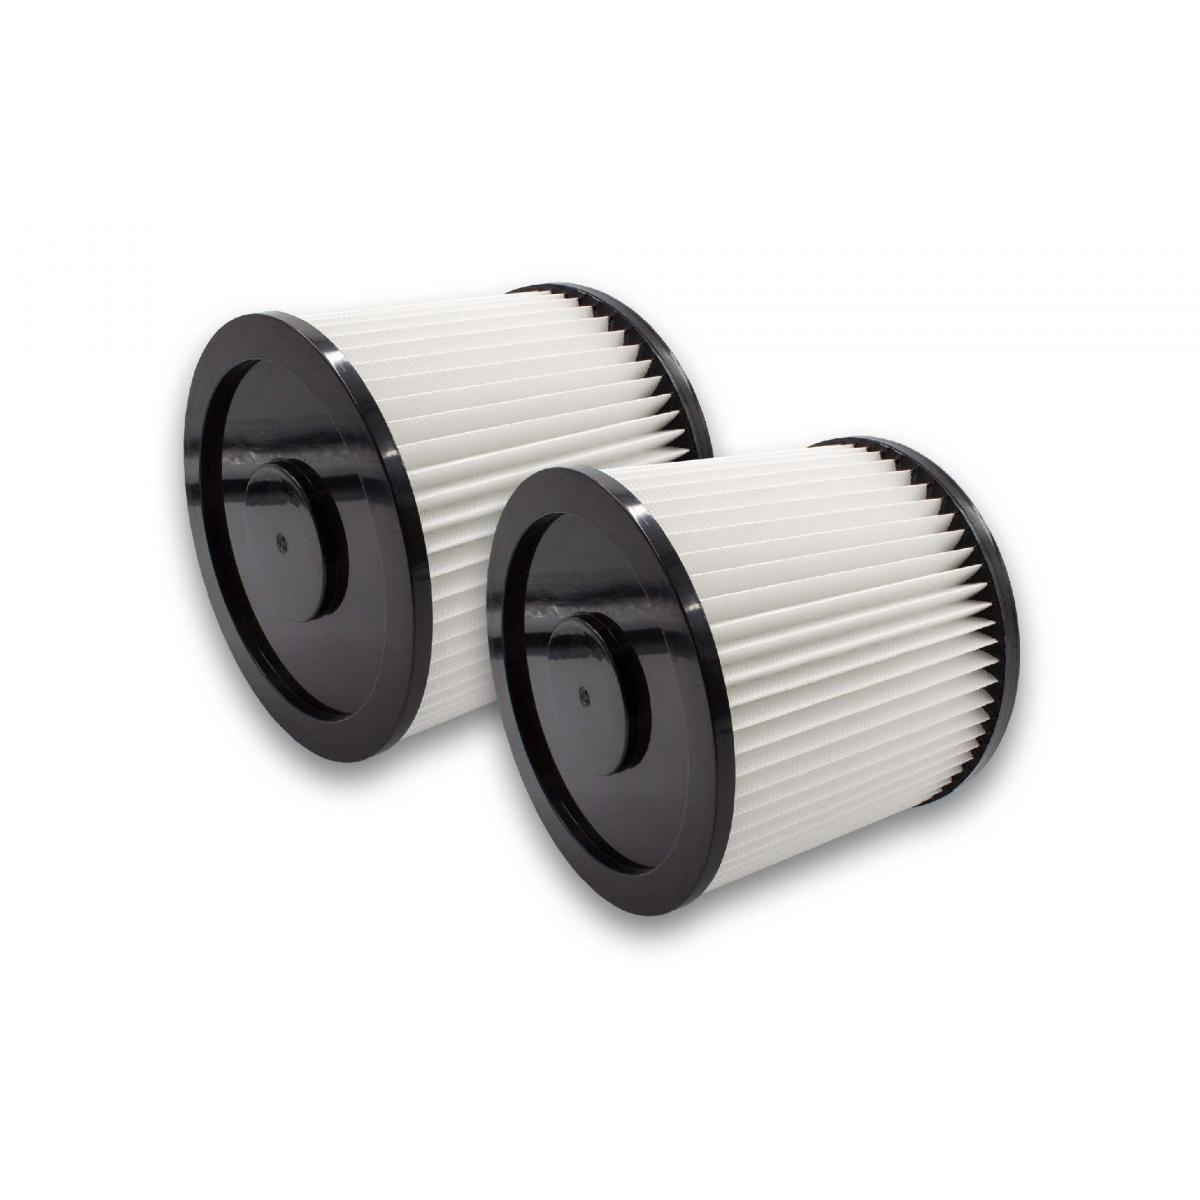 Vhbw vhbw 2x filtre rond pour aspirateur compatible avec Rowenta Collecto RB 14, RB 50, RB 500, RB 51, RB 510 remplacement po